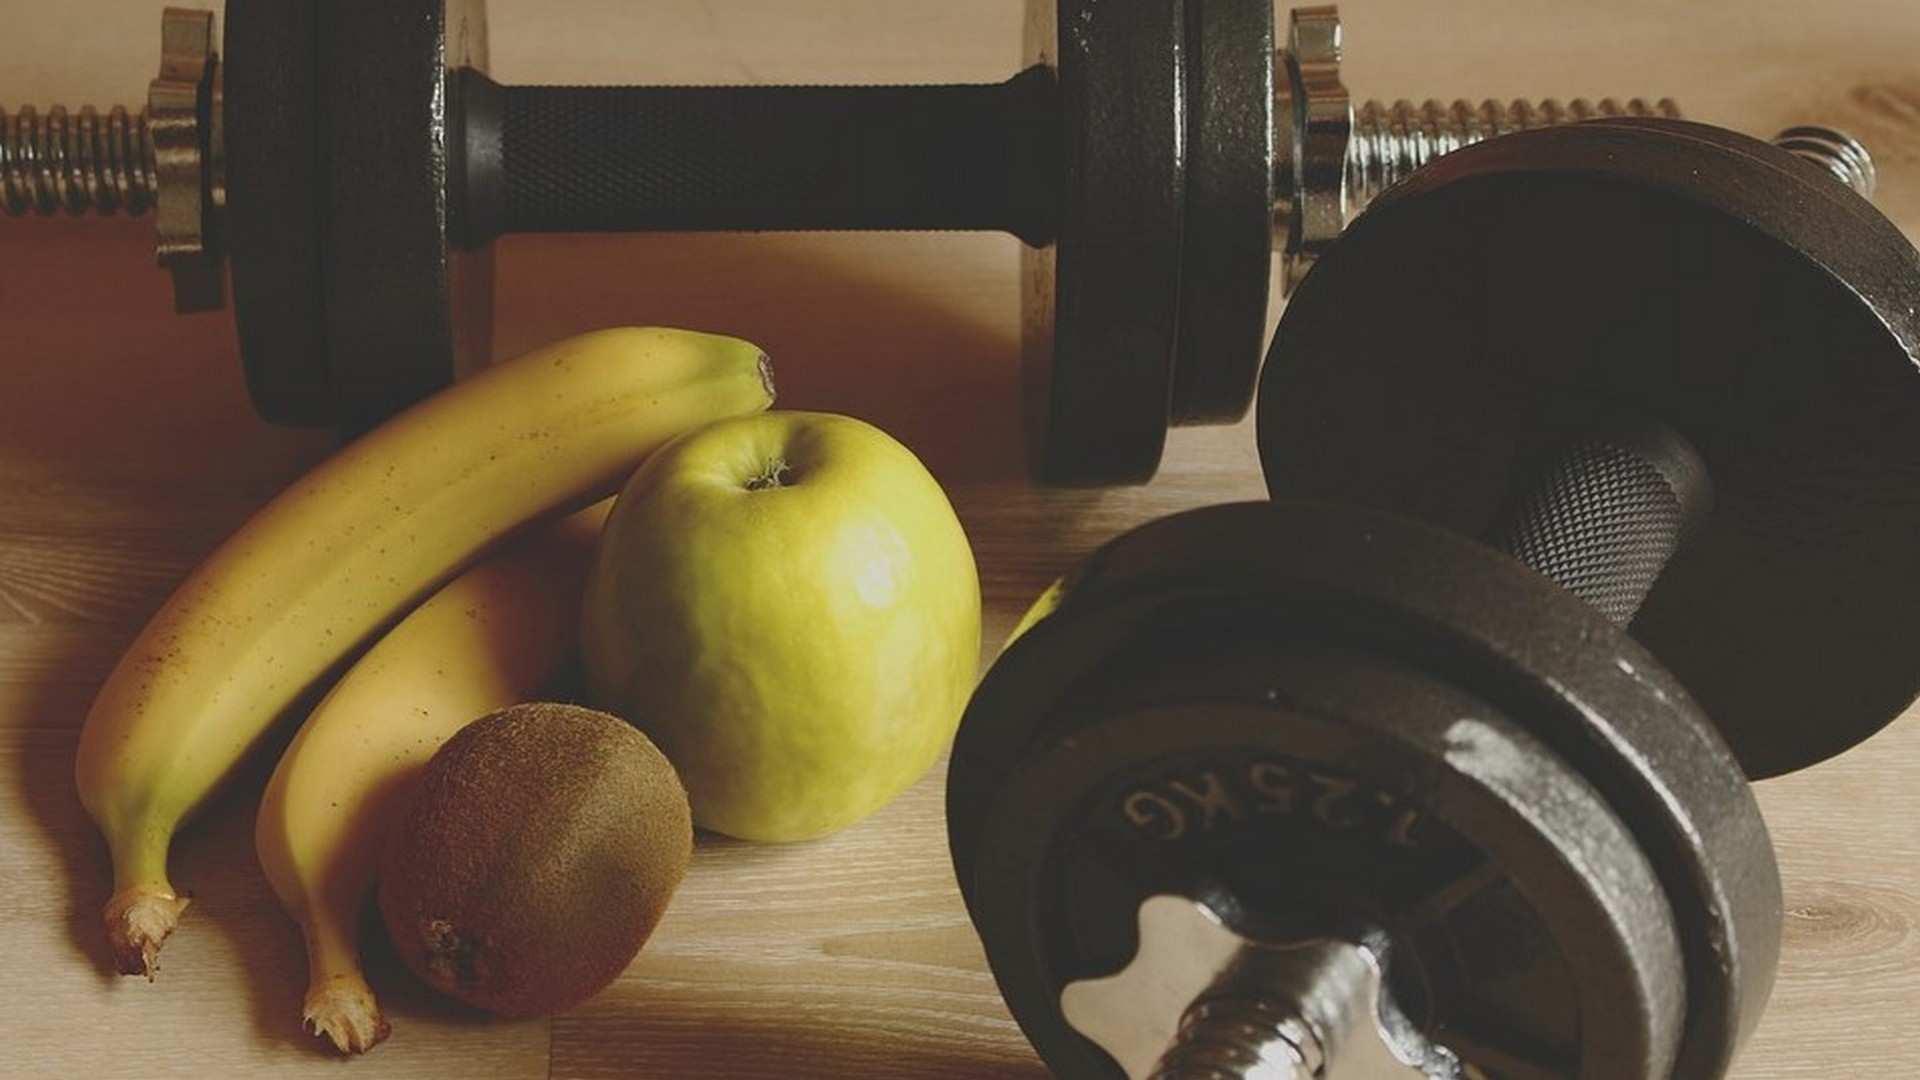 ¿Qué debemos comer después de hacer ejercicio? El papel de las proteínas y los carbohidratos tras el entrenamiento